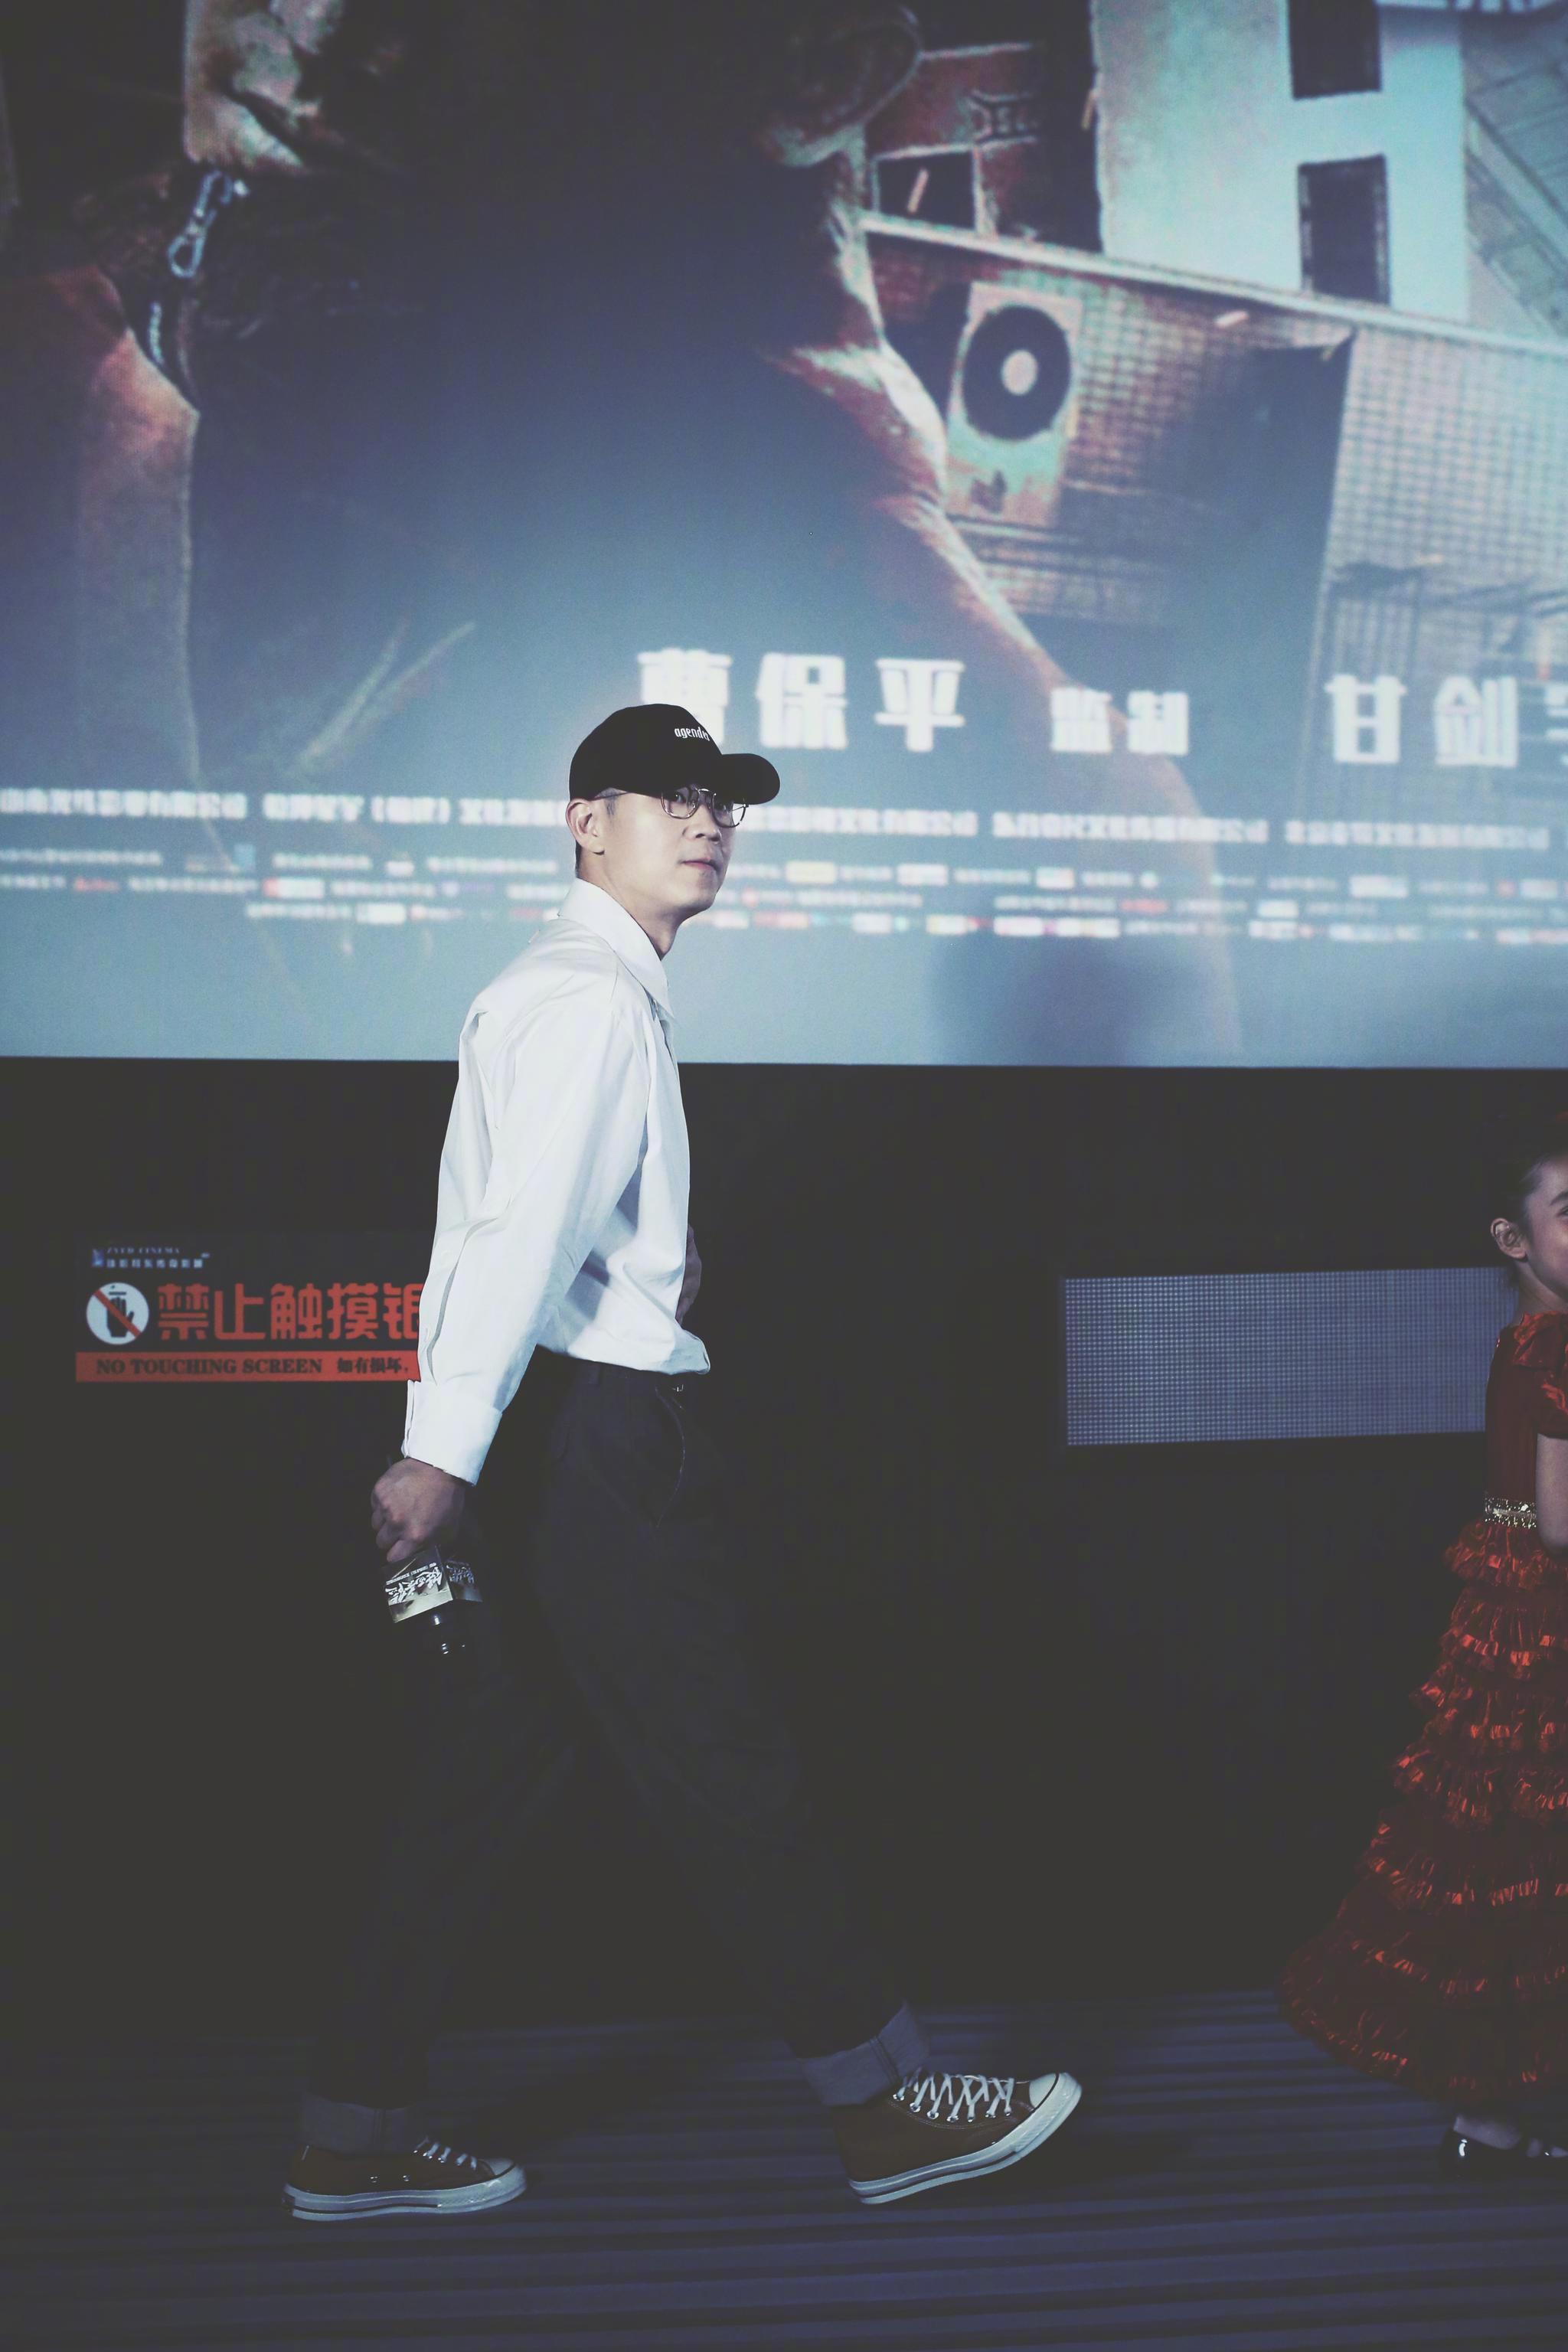 昨天下午应@张宁江 邀约参加电影《铤而走险》首映式